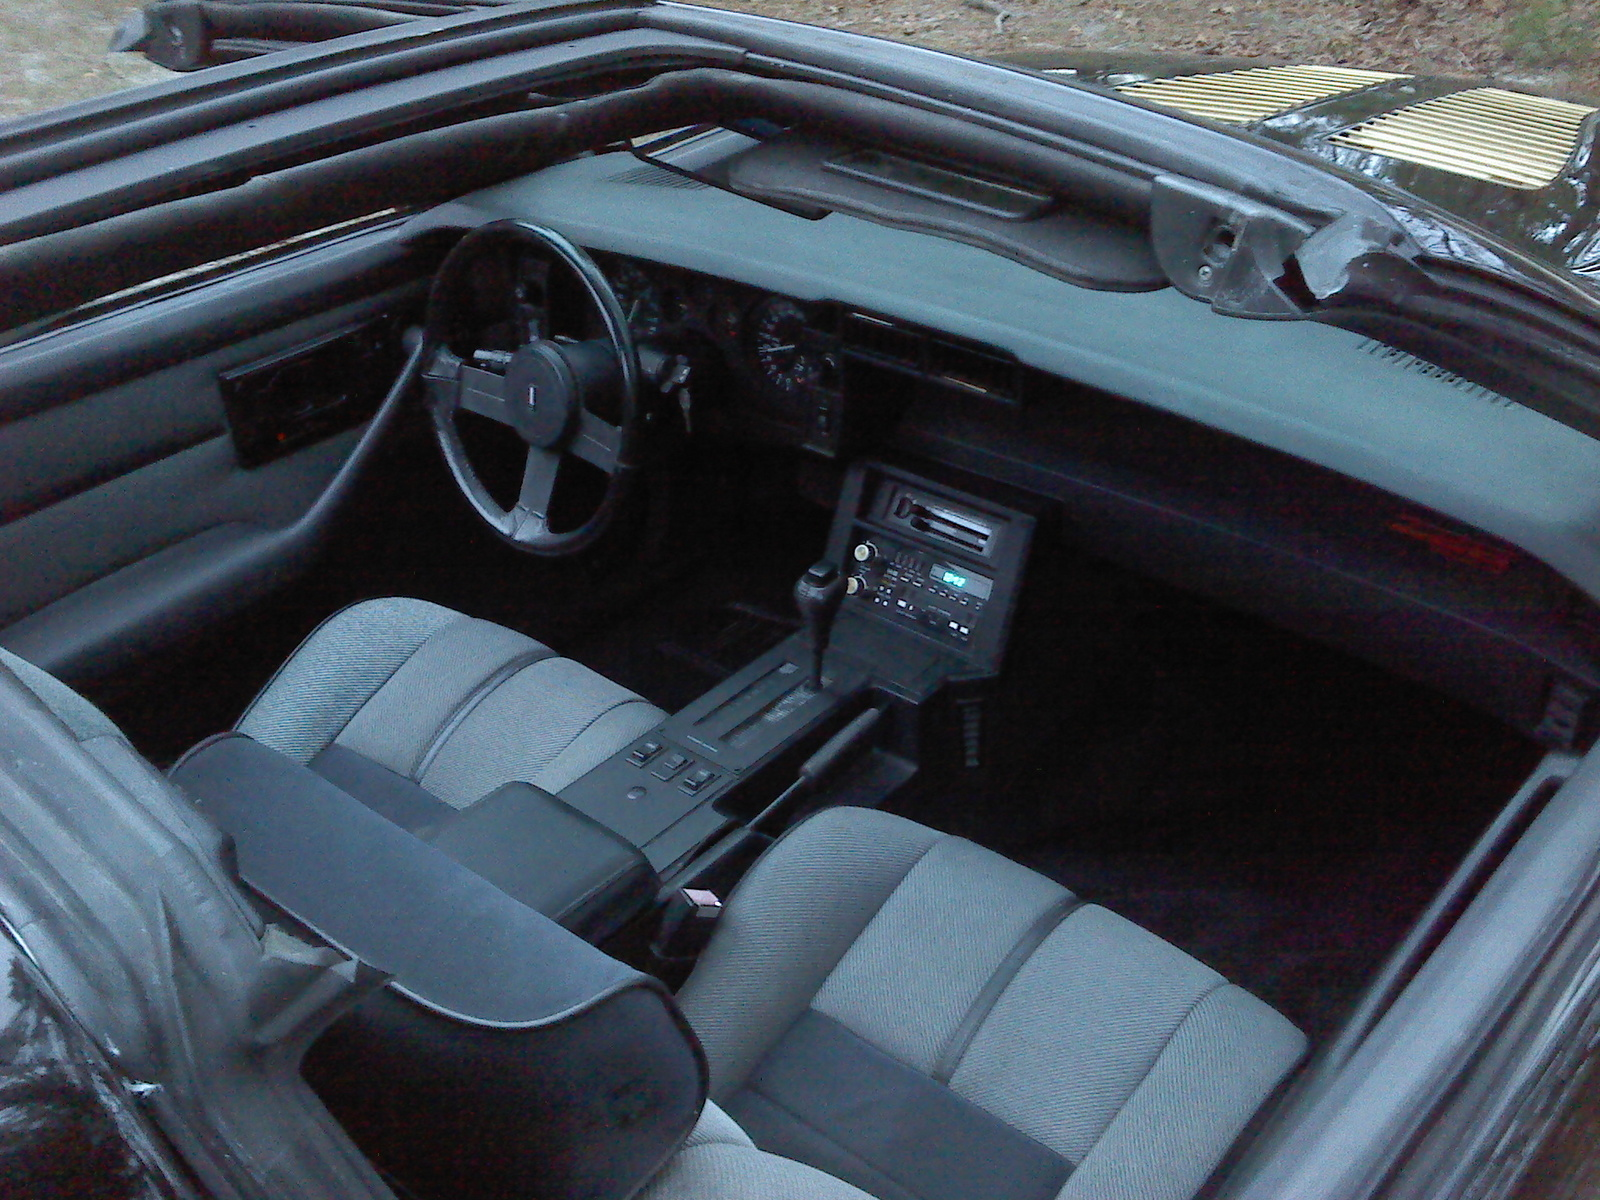 1989 chevrolet camaro interior pictures cargurus for Interior 86 camaro